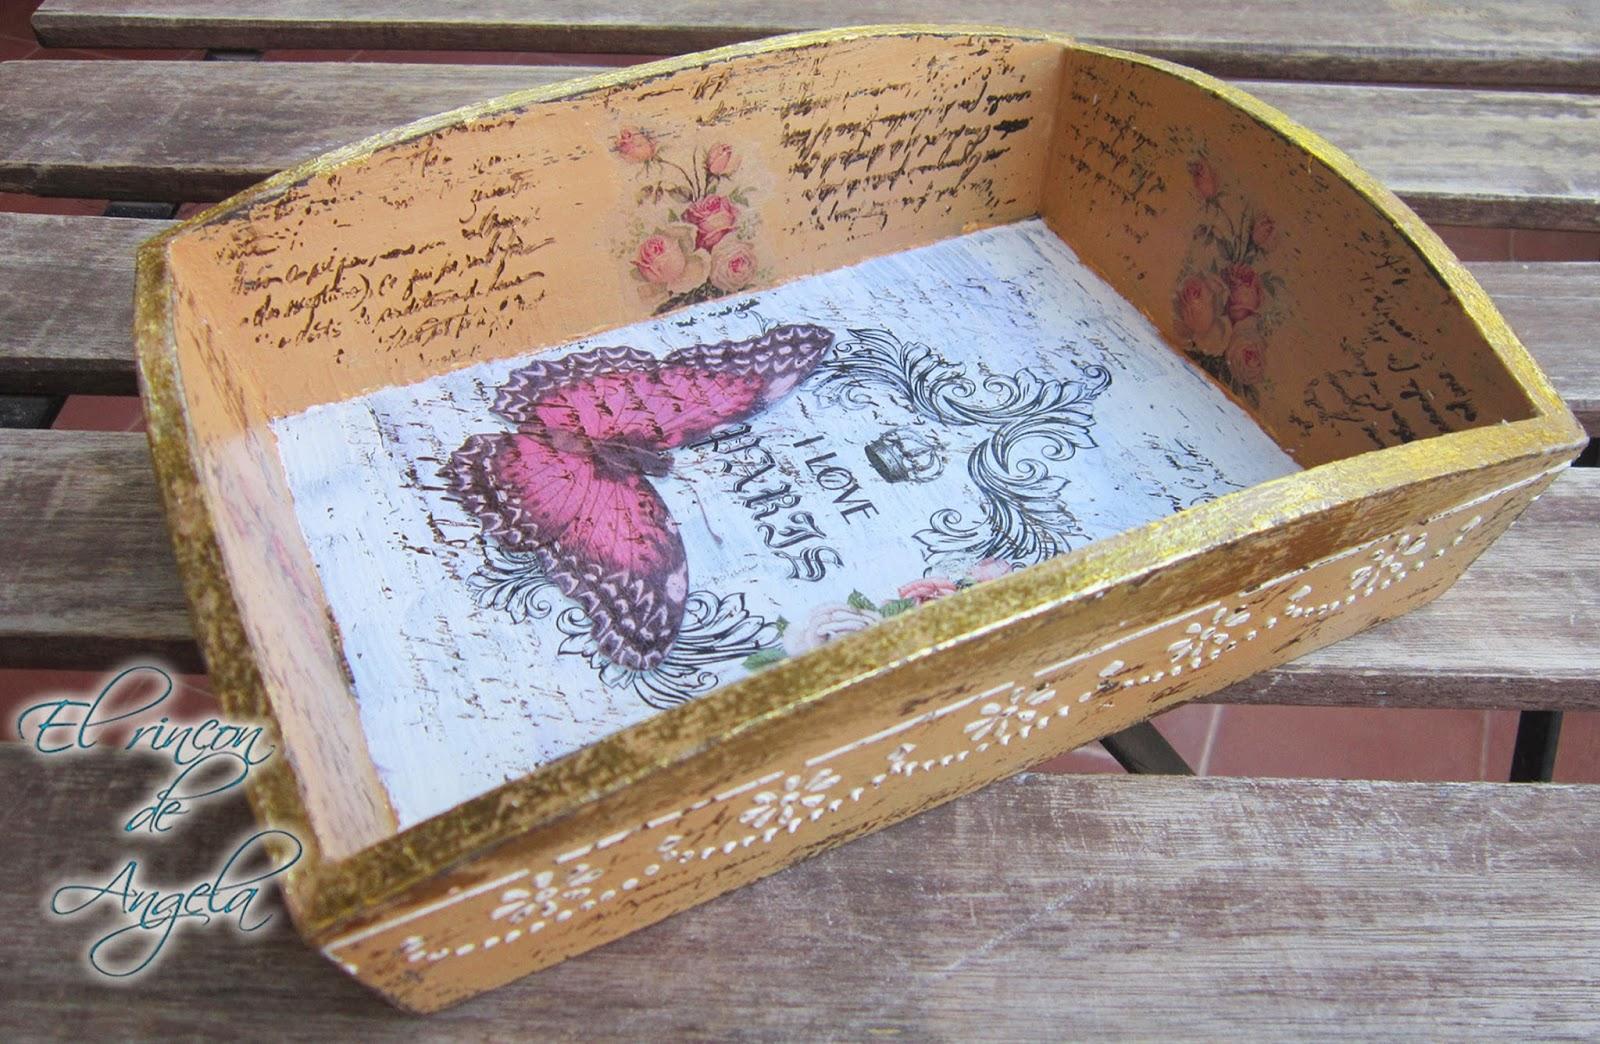 El rincon de angela decoupage y transferencia para - Decorar madera con pintura ...